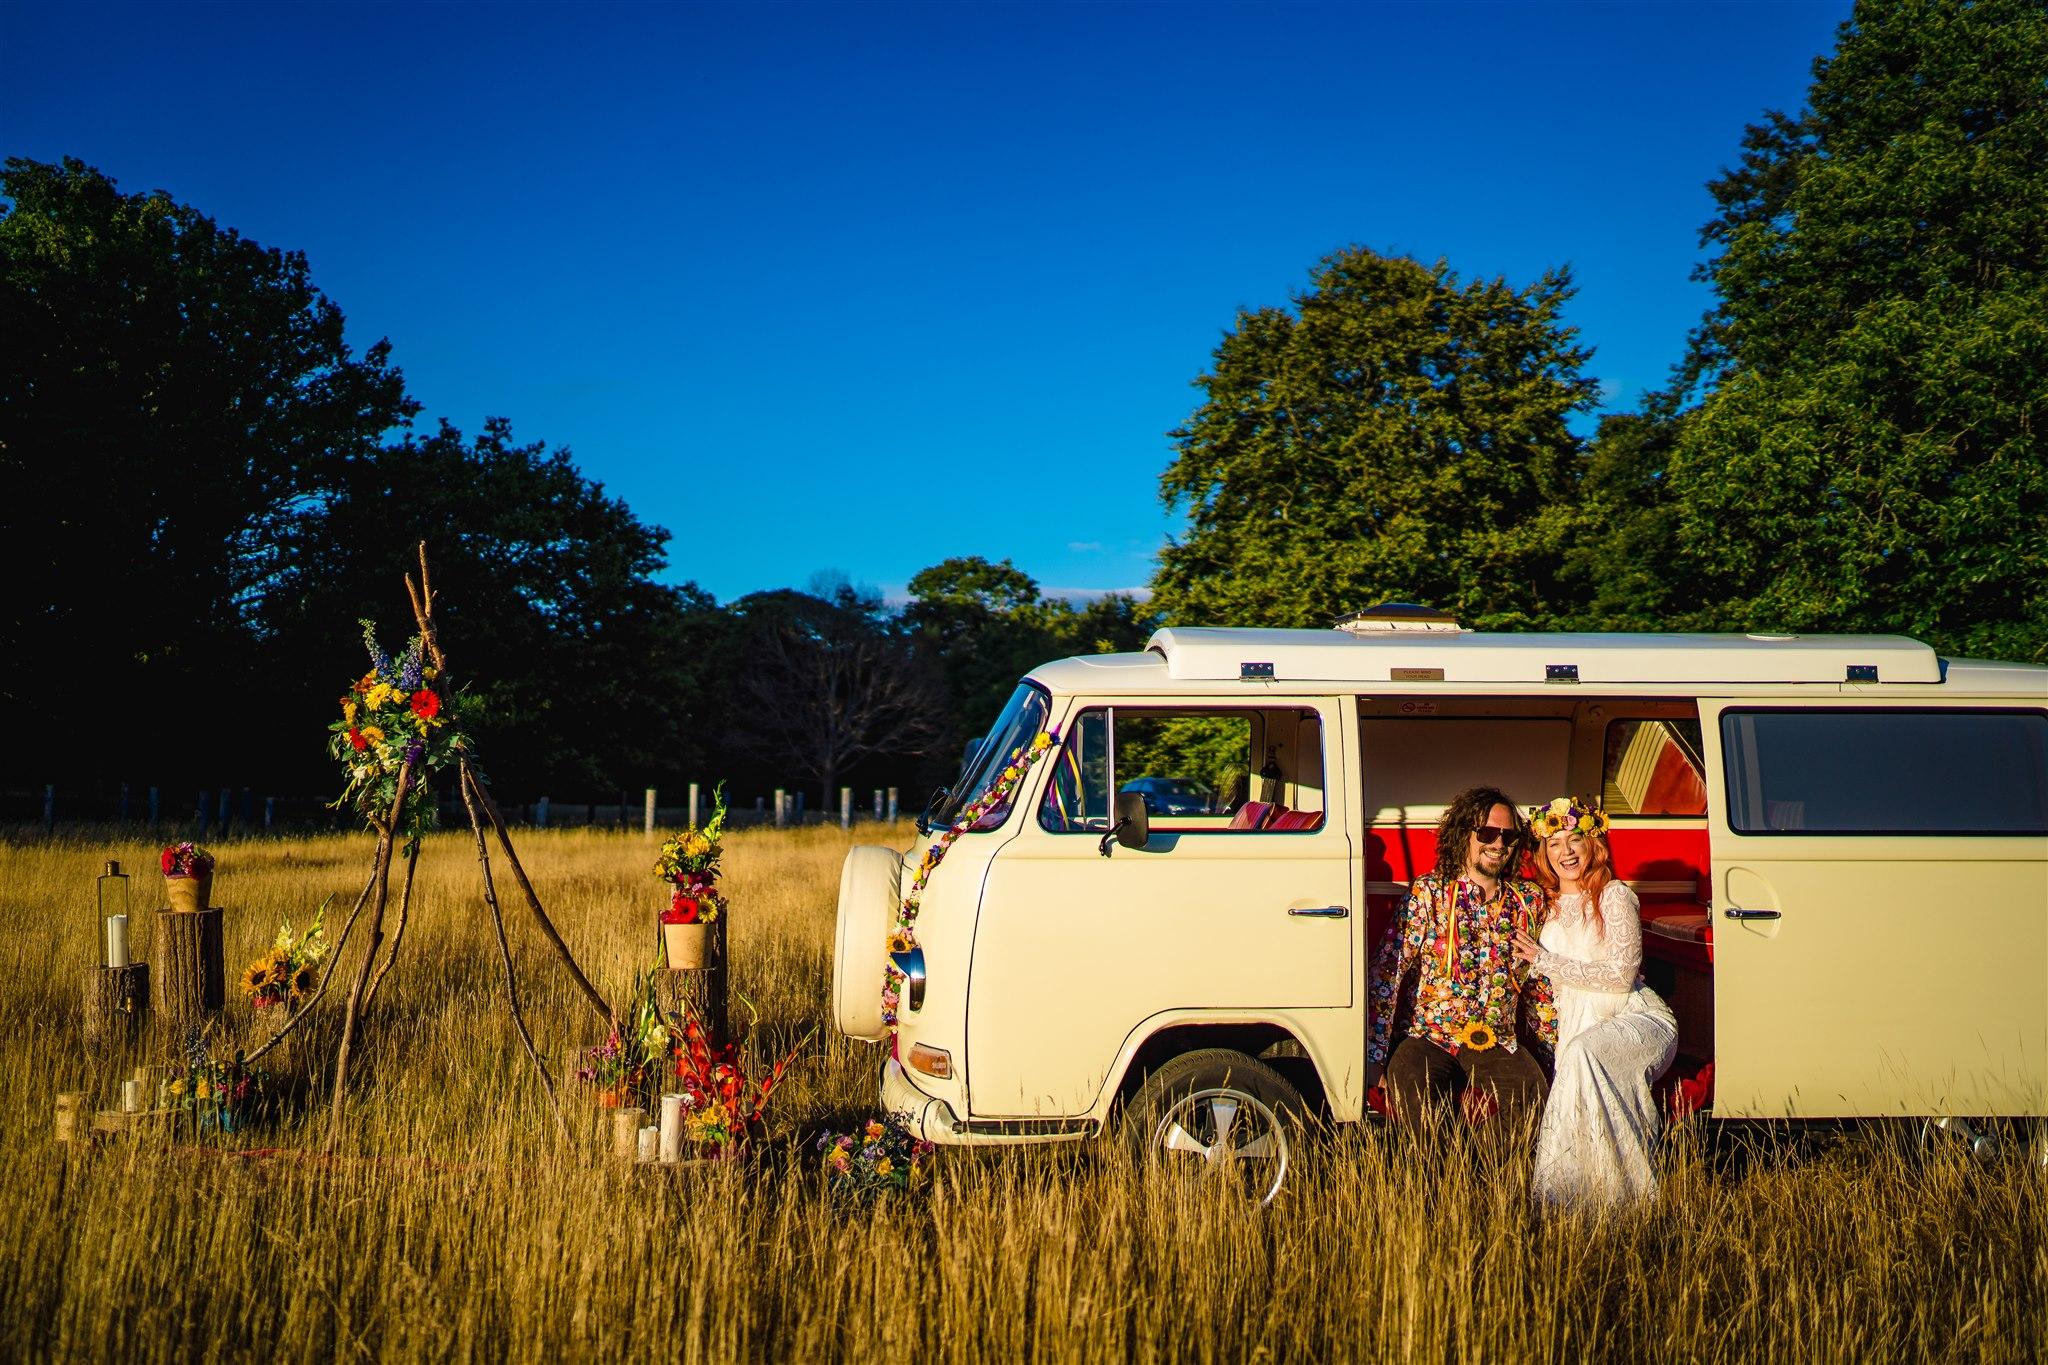 wedding camper van - camper van photo booth - colourful bohemian wedding - 70s wedding - campervan wedding - hippie wedding